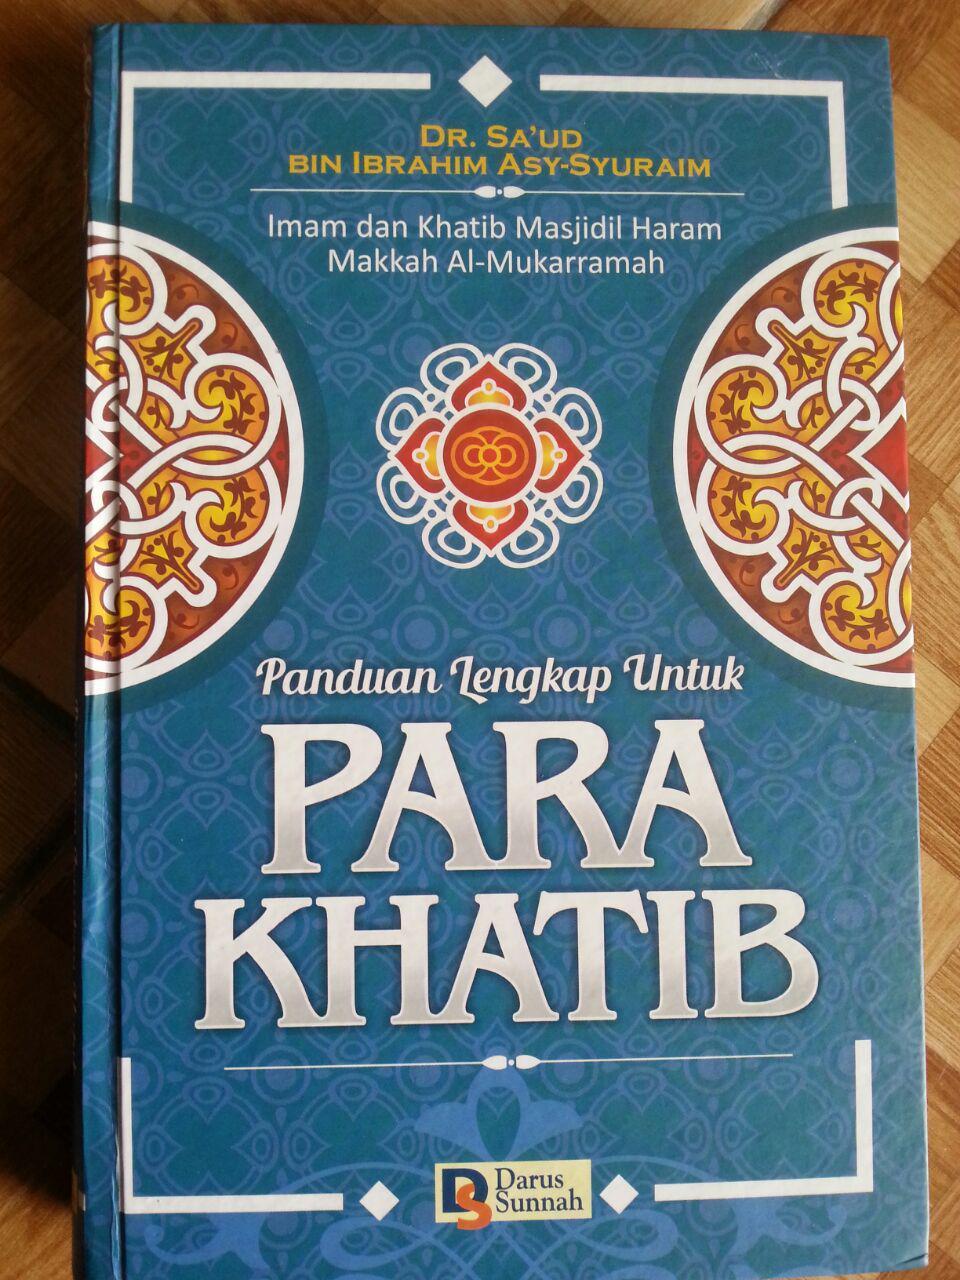 Buku Panduan Lengkap Untuk Para Khatib cover 2